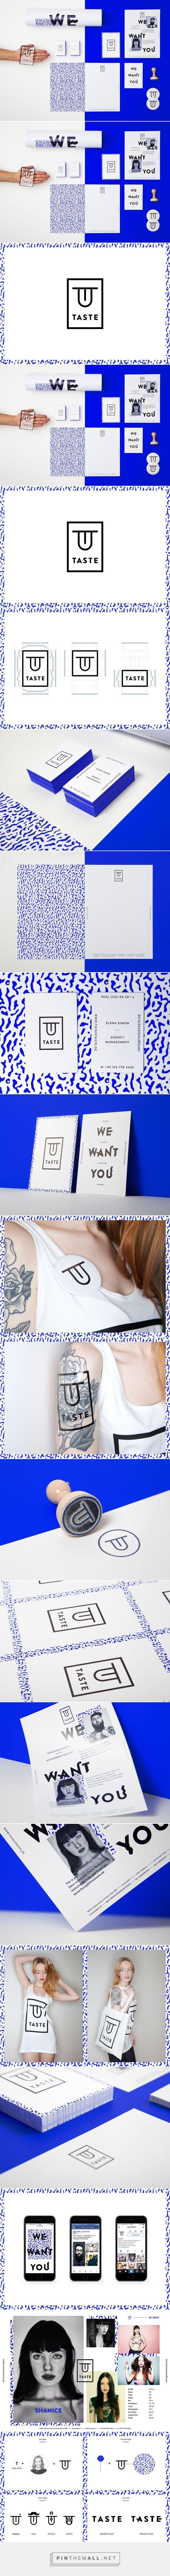 Stemple - Logo auf Transparenz und dann auf Muster/Fotos auflegen